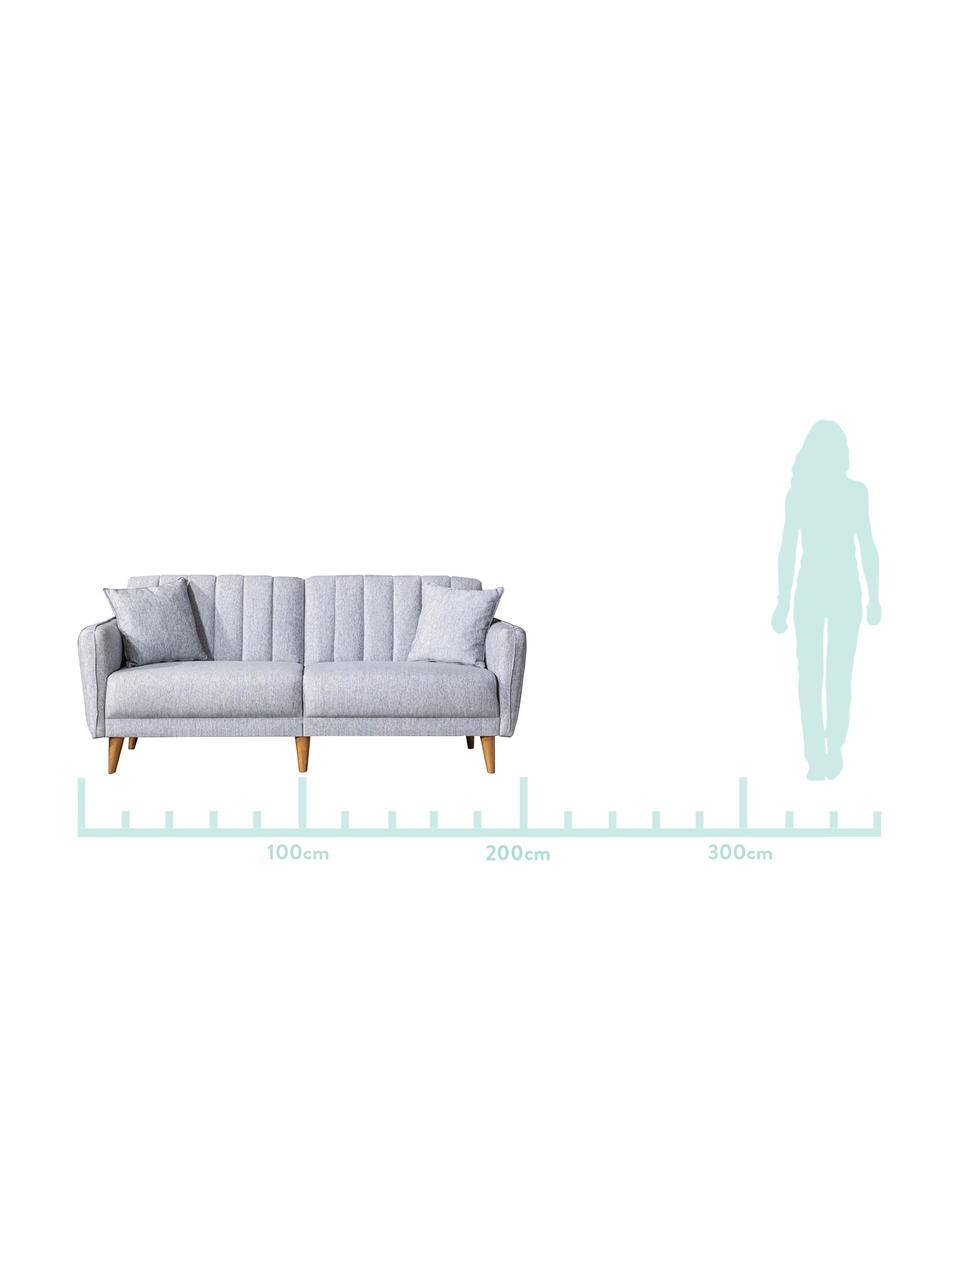 Divano letto 3 posti in lino grigio chiaro Aqua, Rivestimento: lino, Struttura: legno di corno, metallo, Grigio chiaro, Larg. 202 x Prof. 85 cm